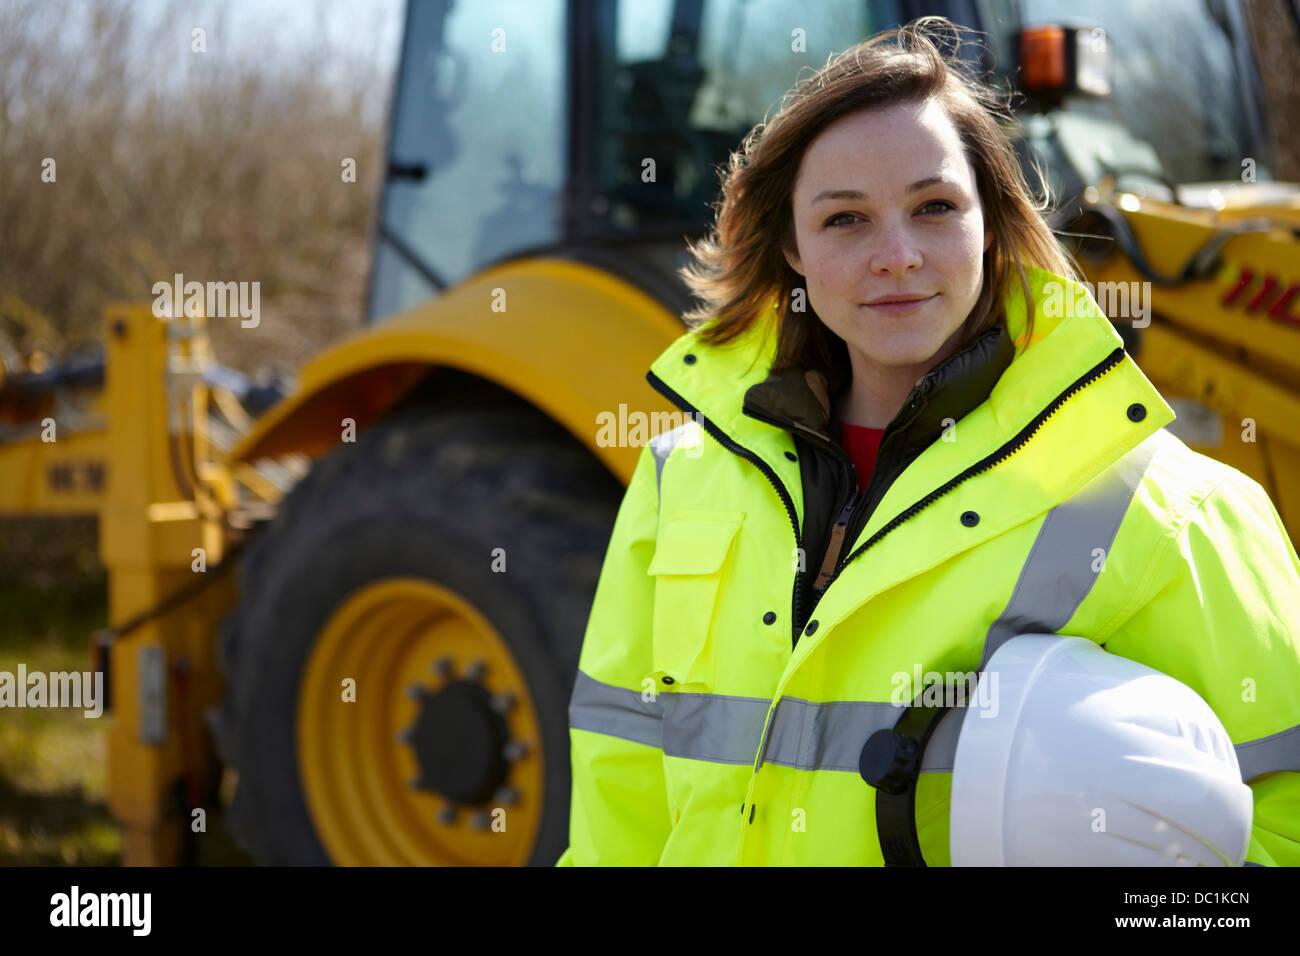 Ritratto di donna project manager sul sito in costruzione Immagini Stock